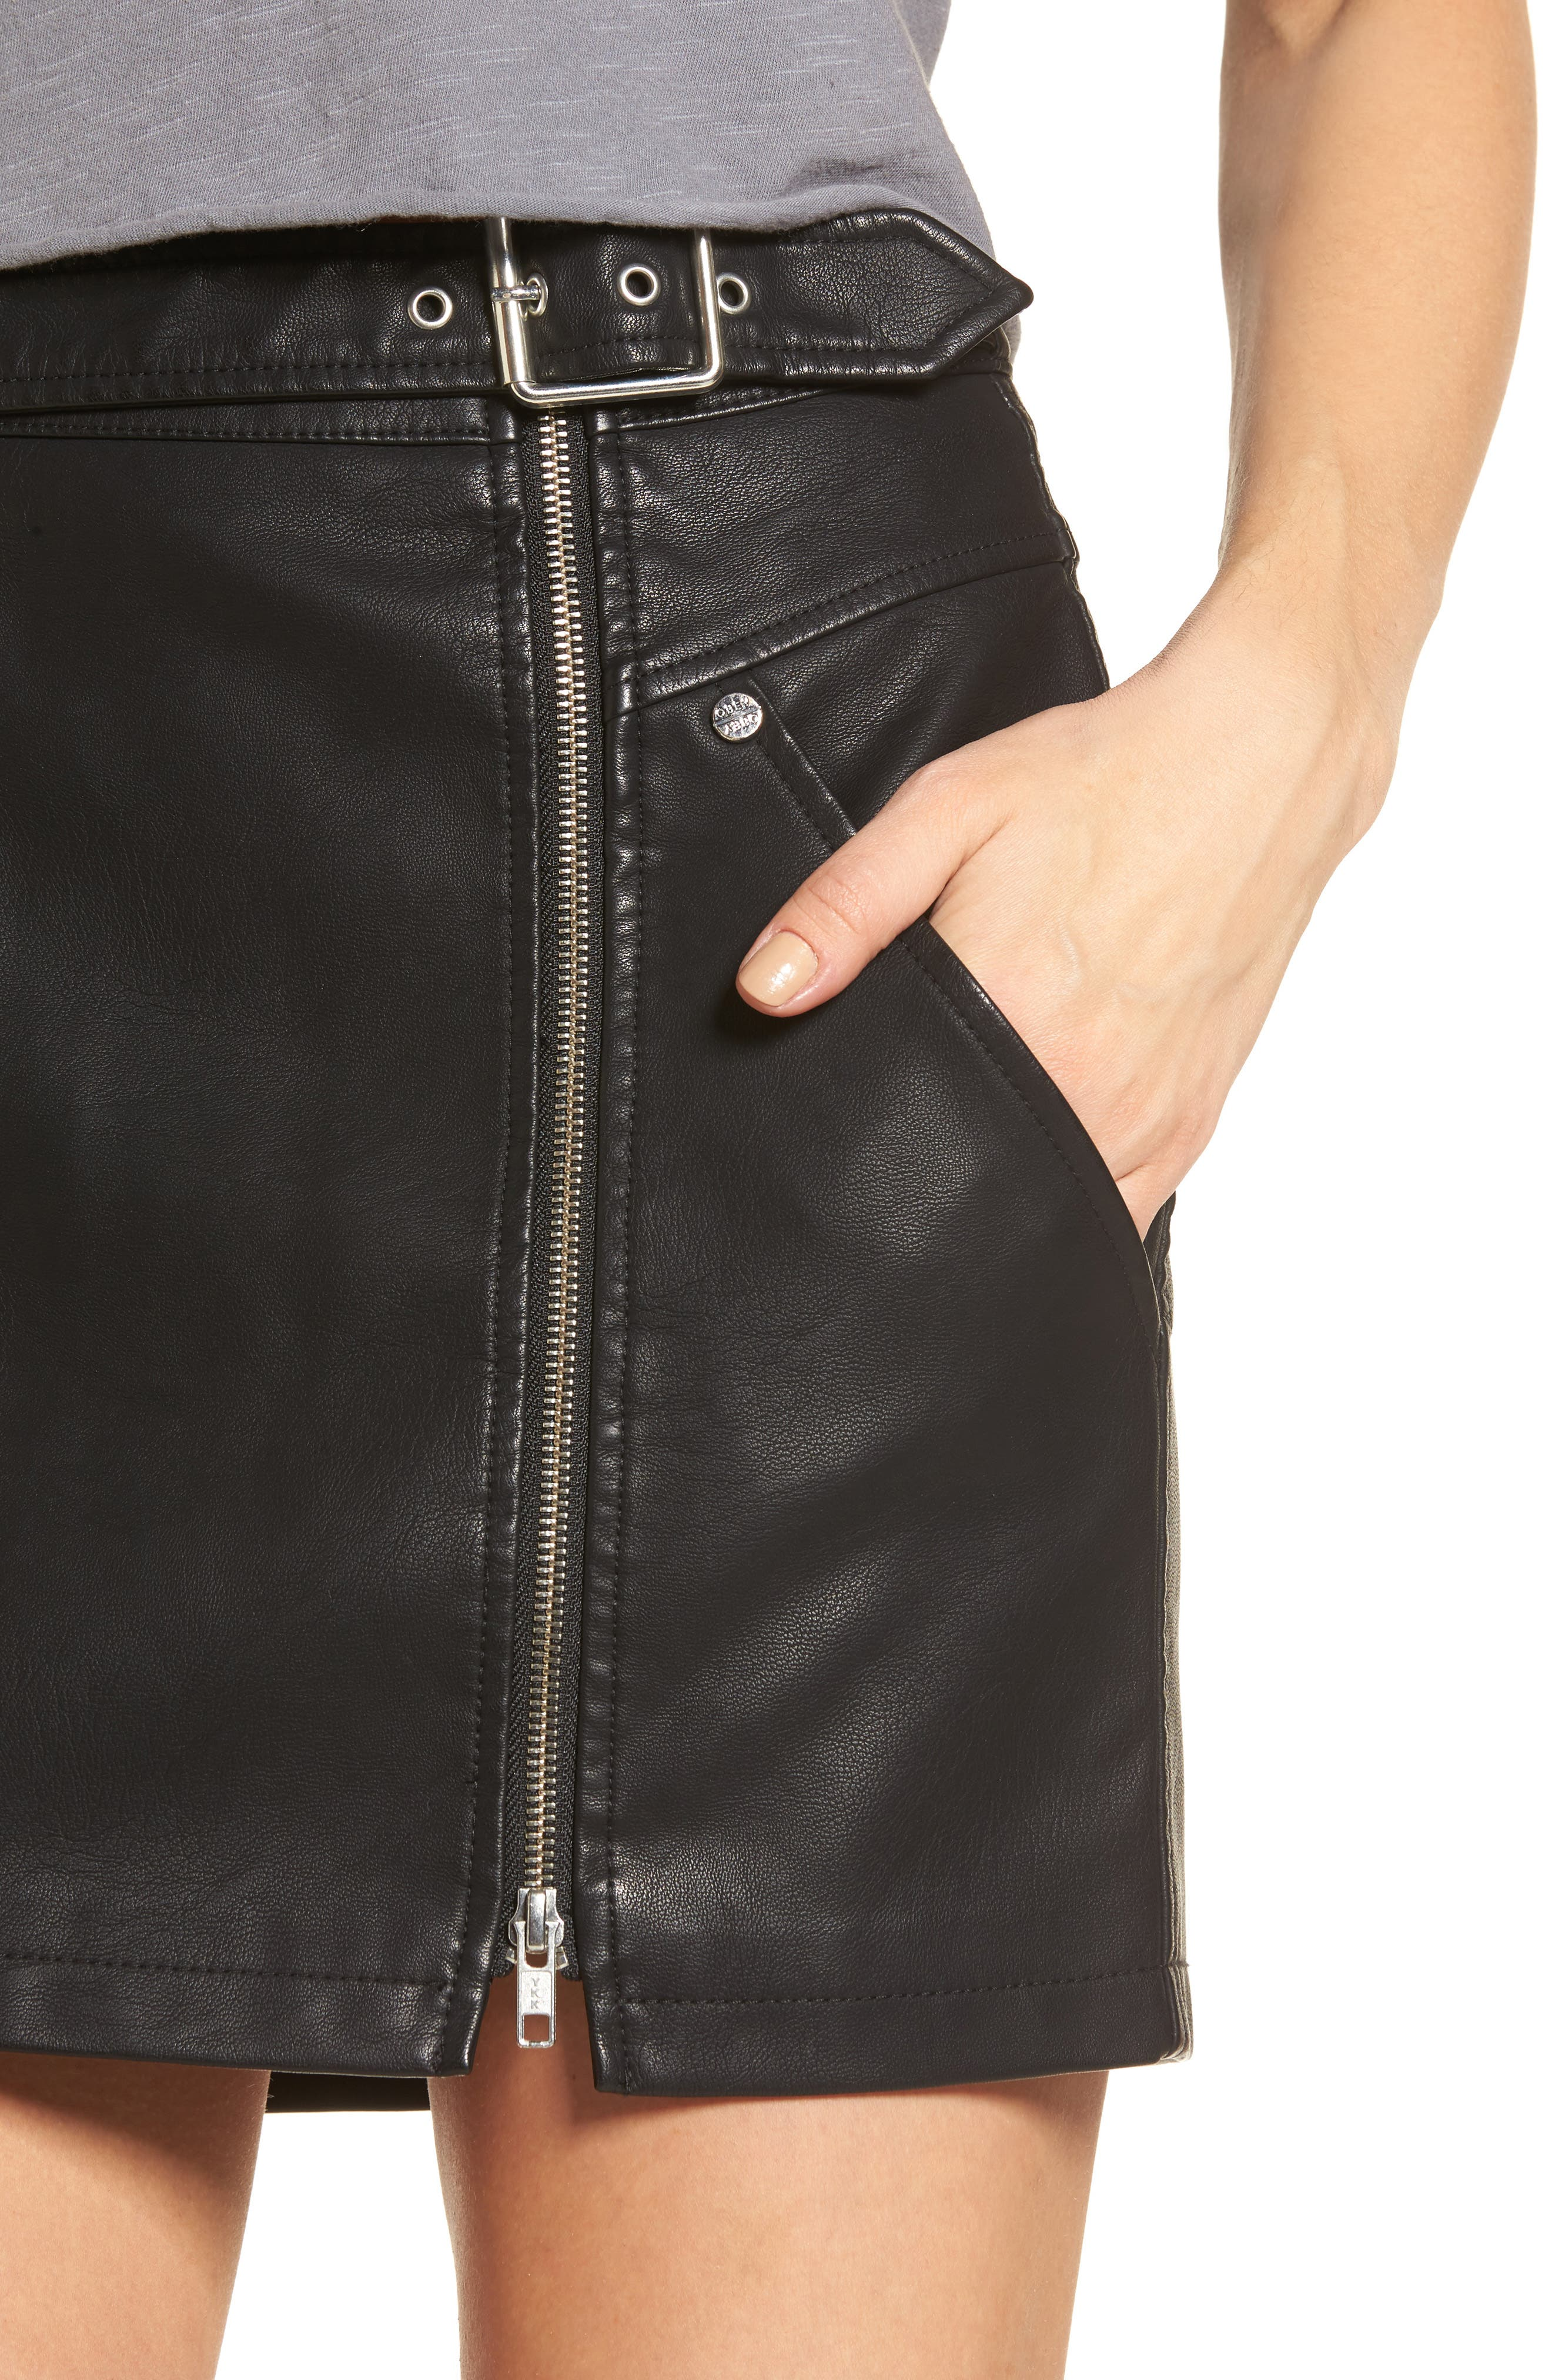 Banshee Skirt,                             Alternate thumbnail 4, color,                             001